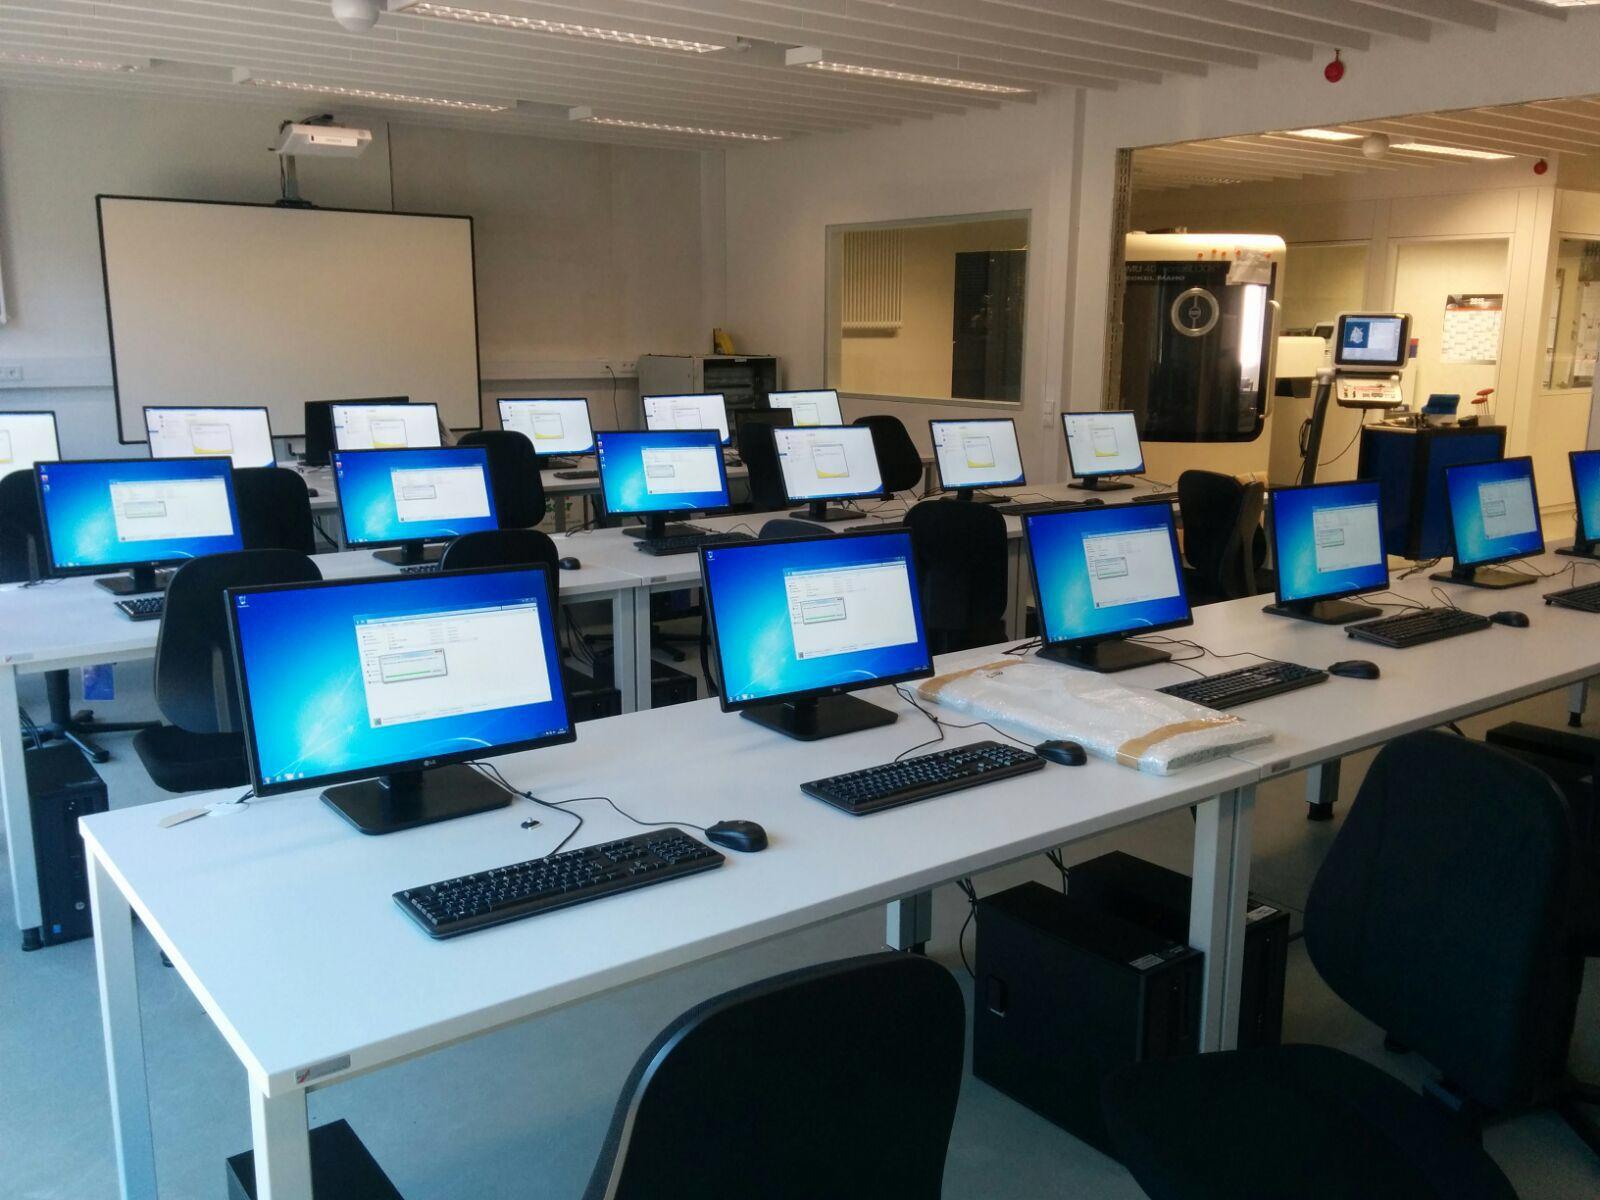 La UAEMex anunció que habilitará salas de cómputo para los alumnos que no cuenten con acceso a una computadora o a internet estable.